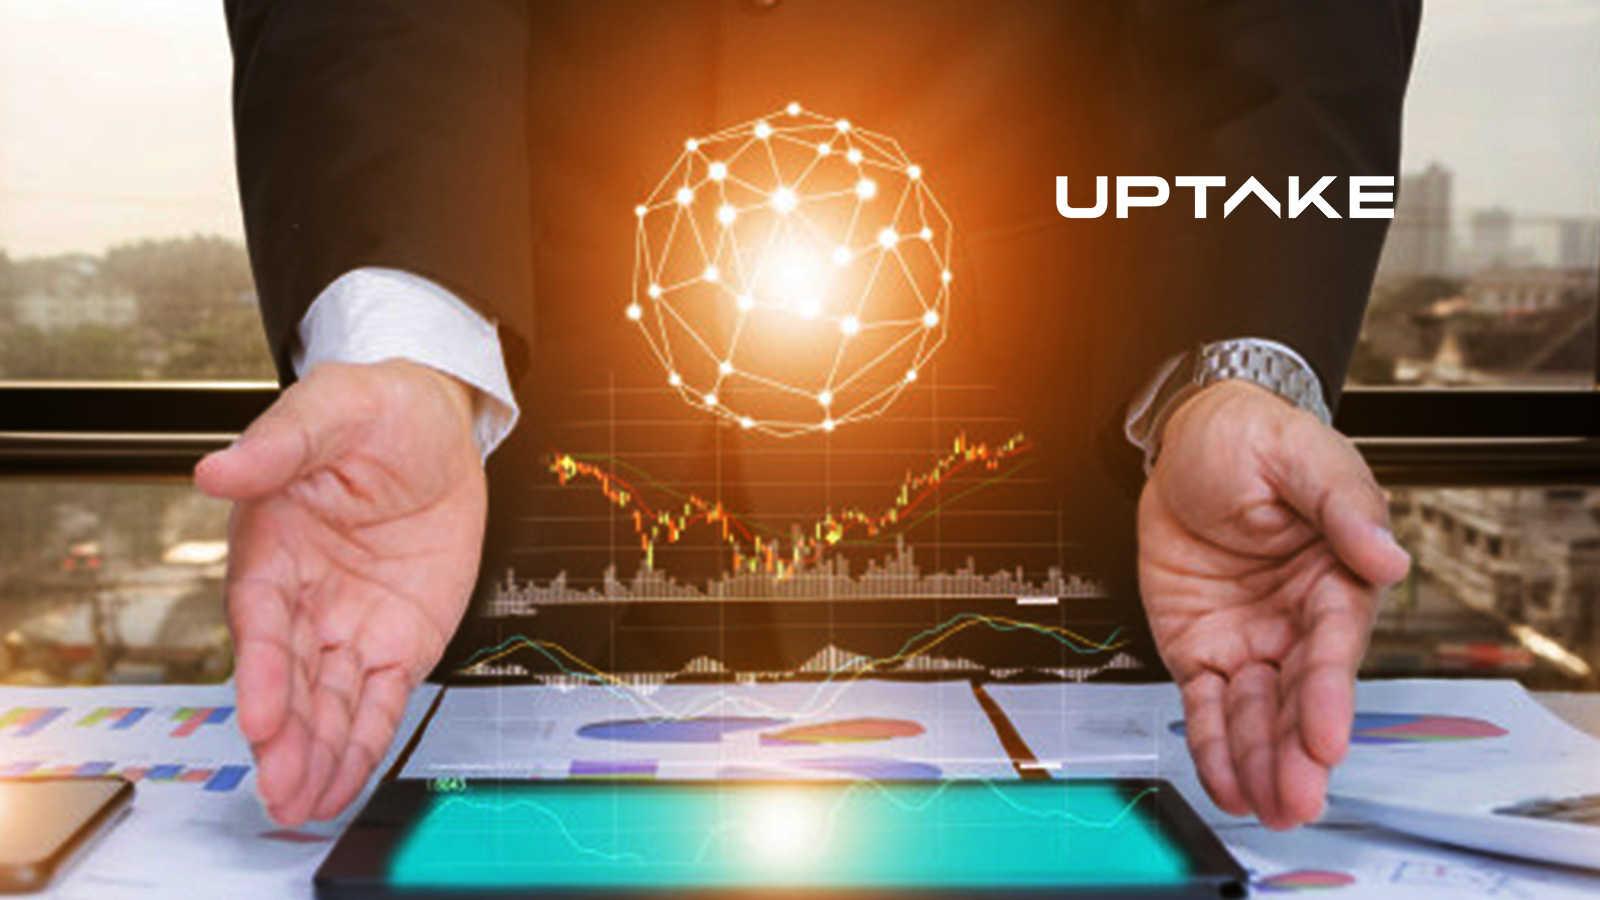 Uptake Technologies